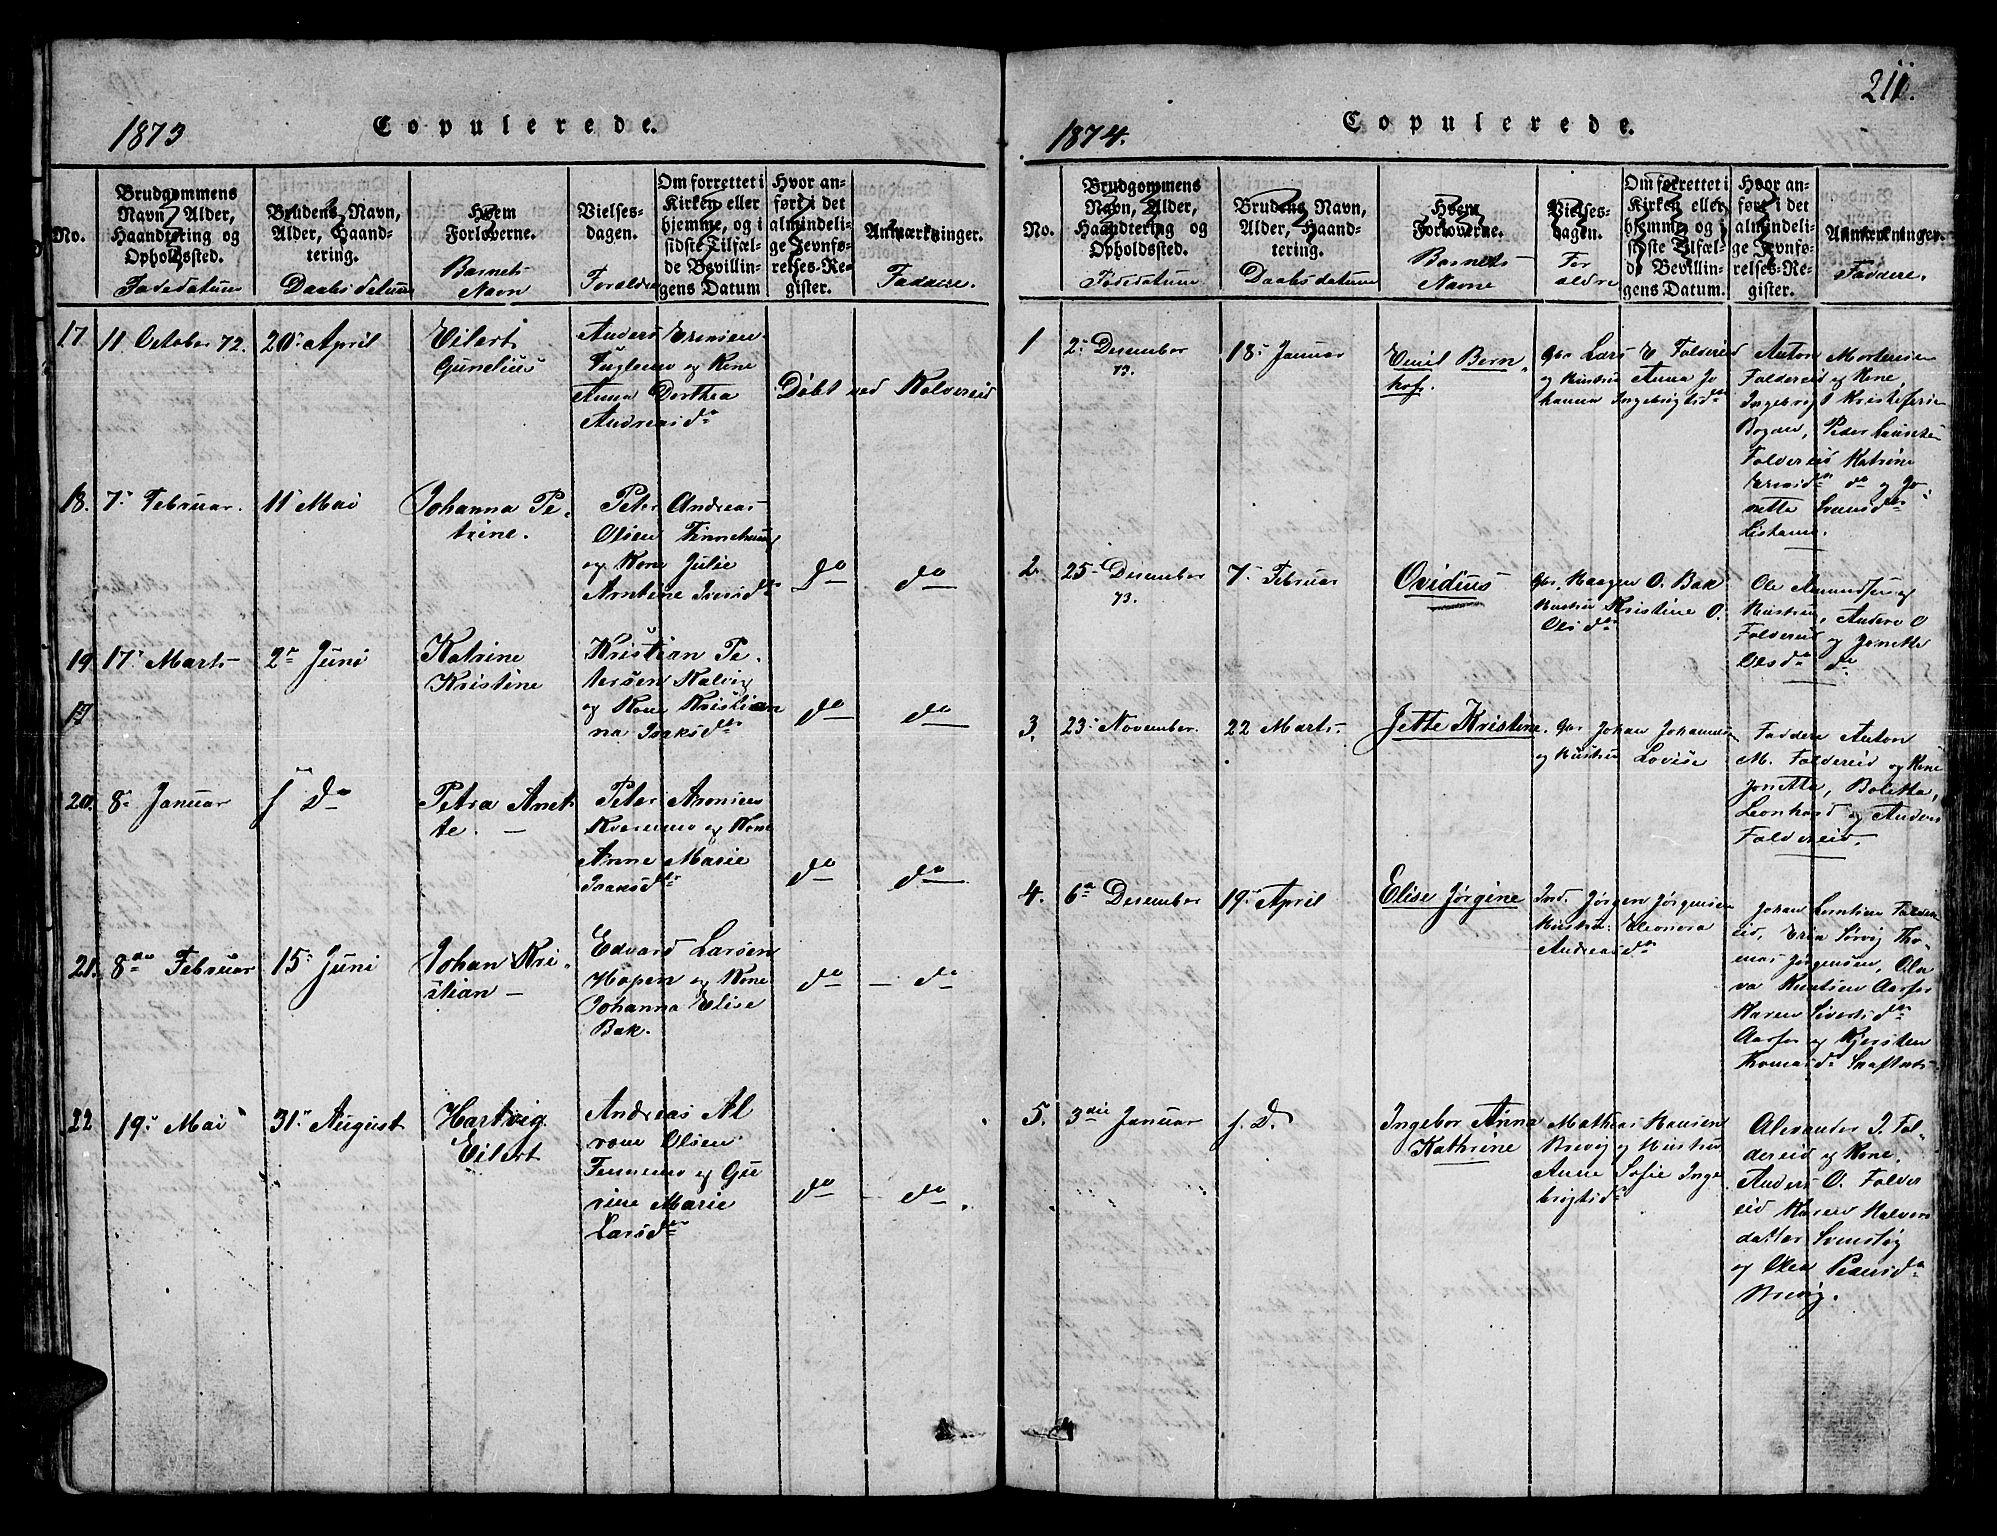 SAT, Ministerialprotokoller, klokkerbøker og fødselsregistre - Nord-Trøndelag, 780/L0648: Klokkerbok nr. 780C01 /3, 1815-1877, s. 211